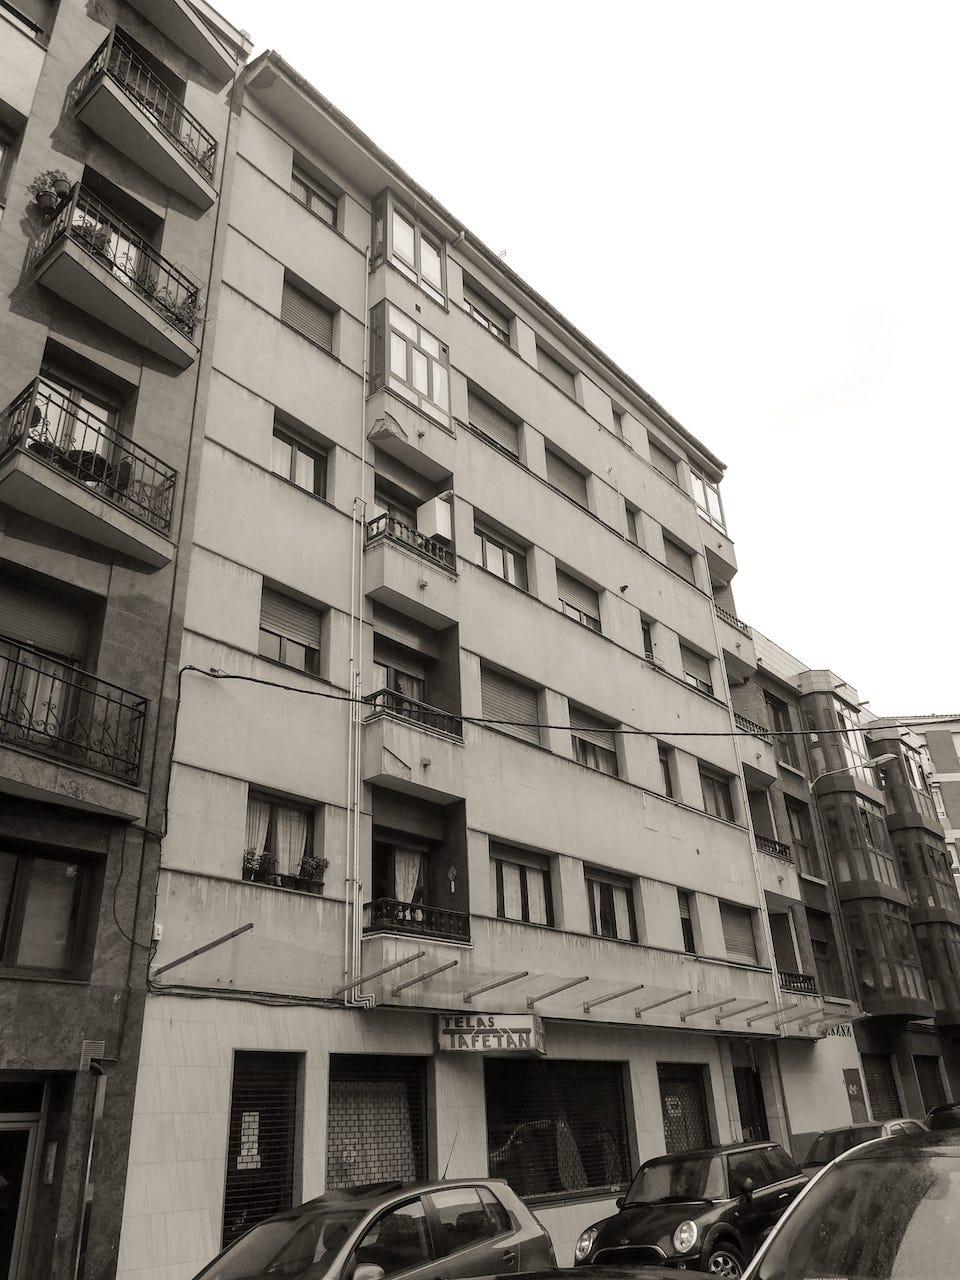 Rehabilitaci n de fachadas en gij n dolmen arquitectos - Arquitectos en gijon ...